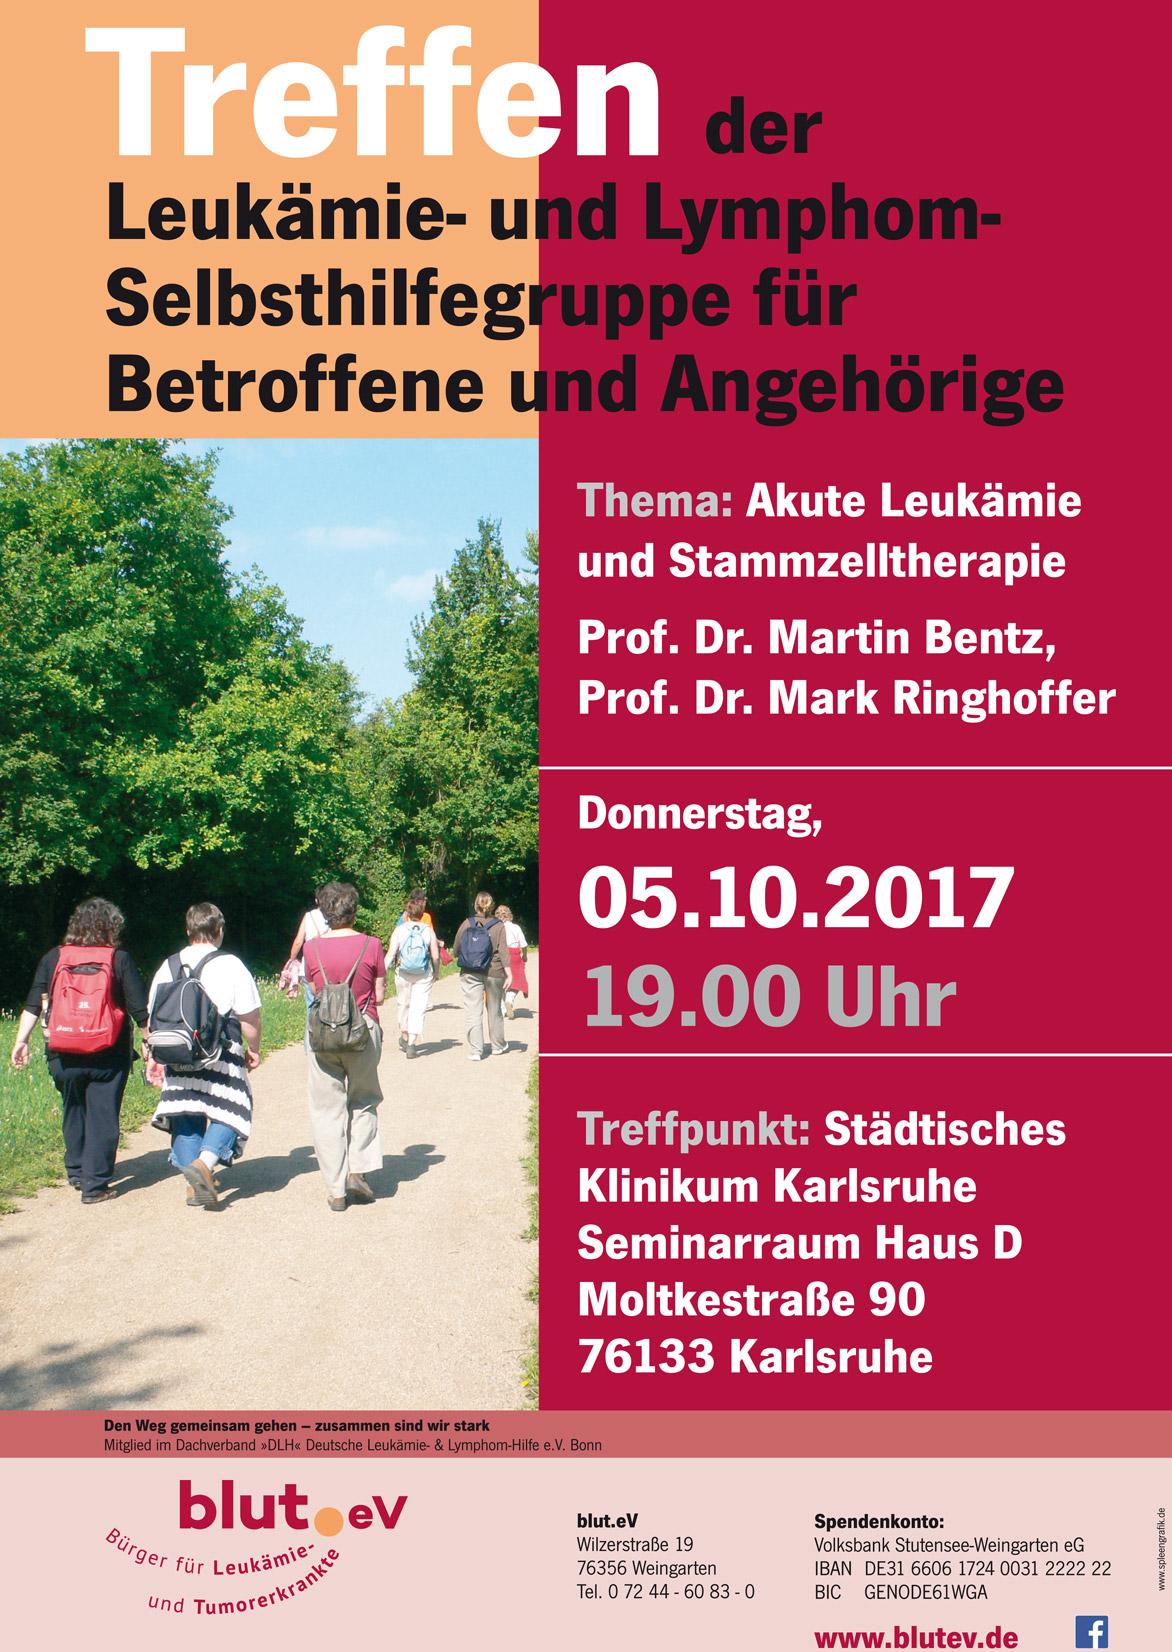 Treffen Leukämie- und Lymphom Selbsthilfegruppe im Klinikum Karlsruhe